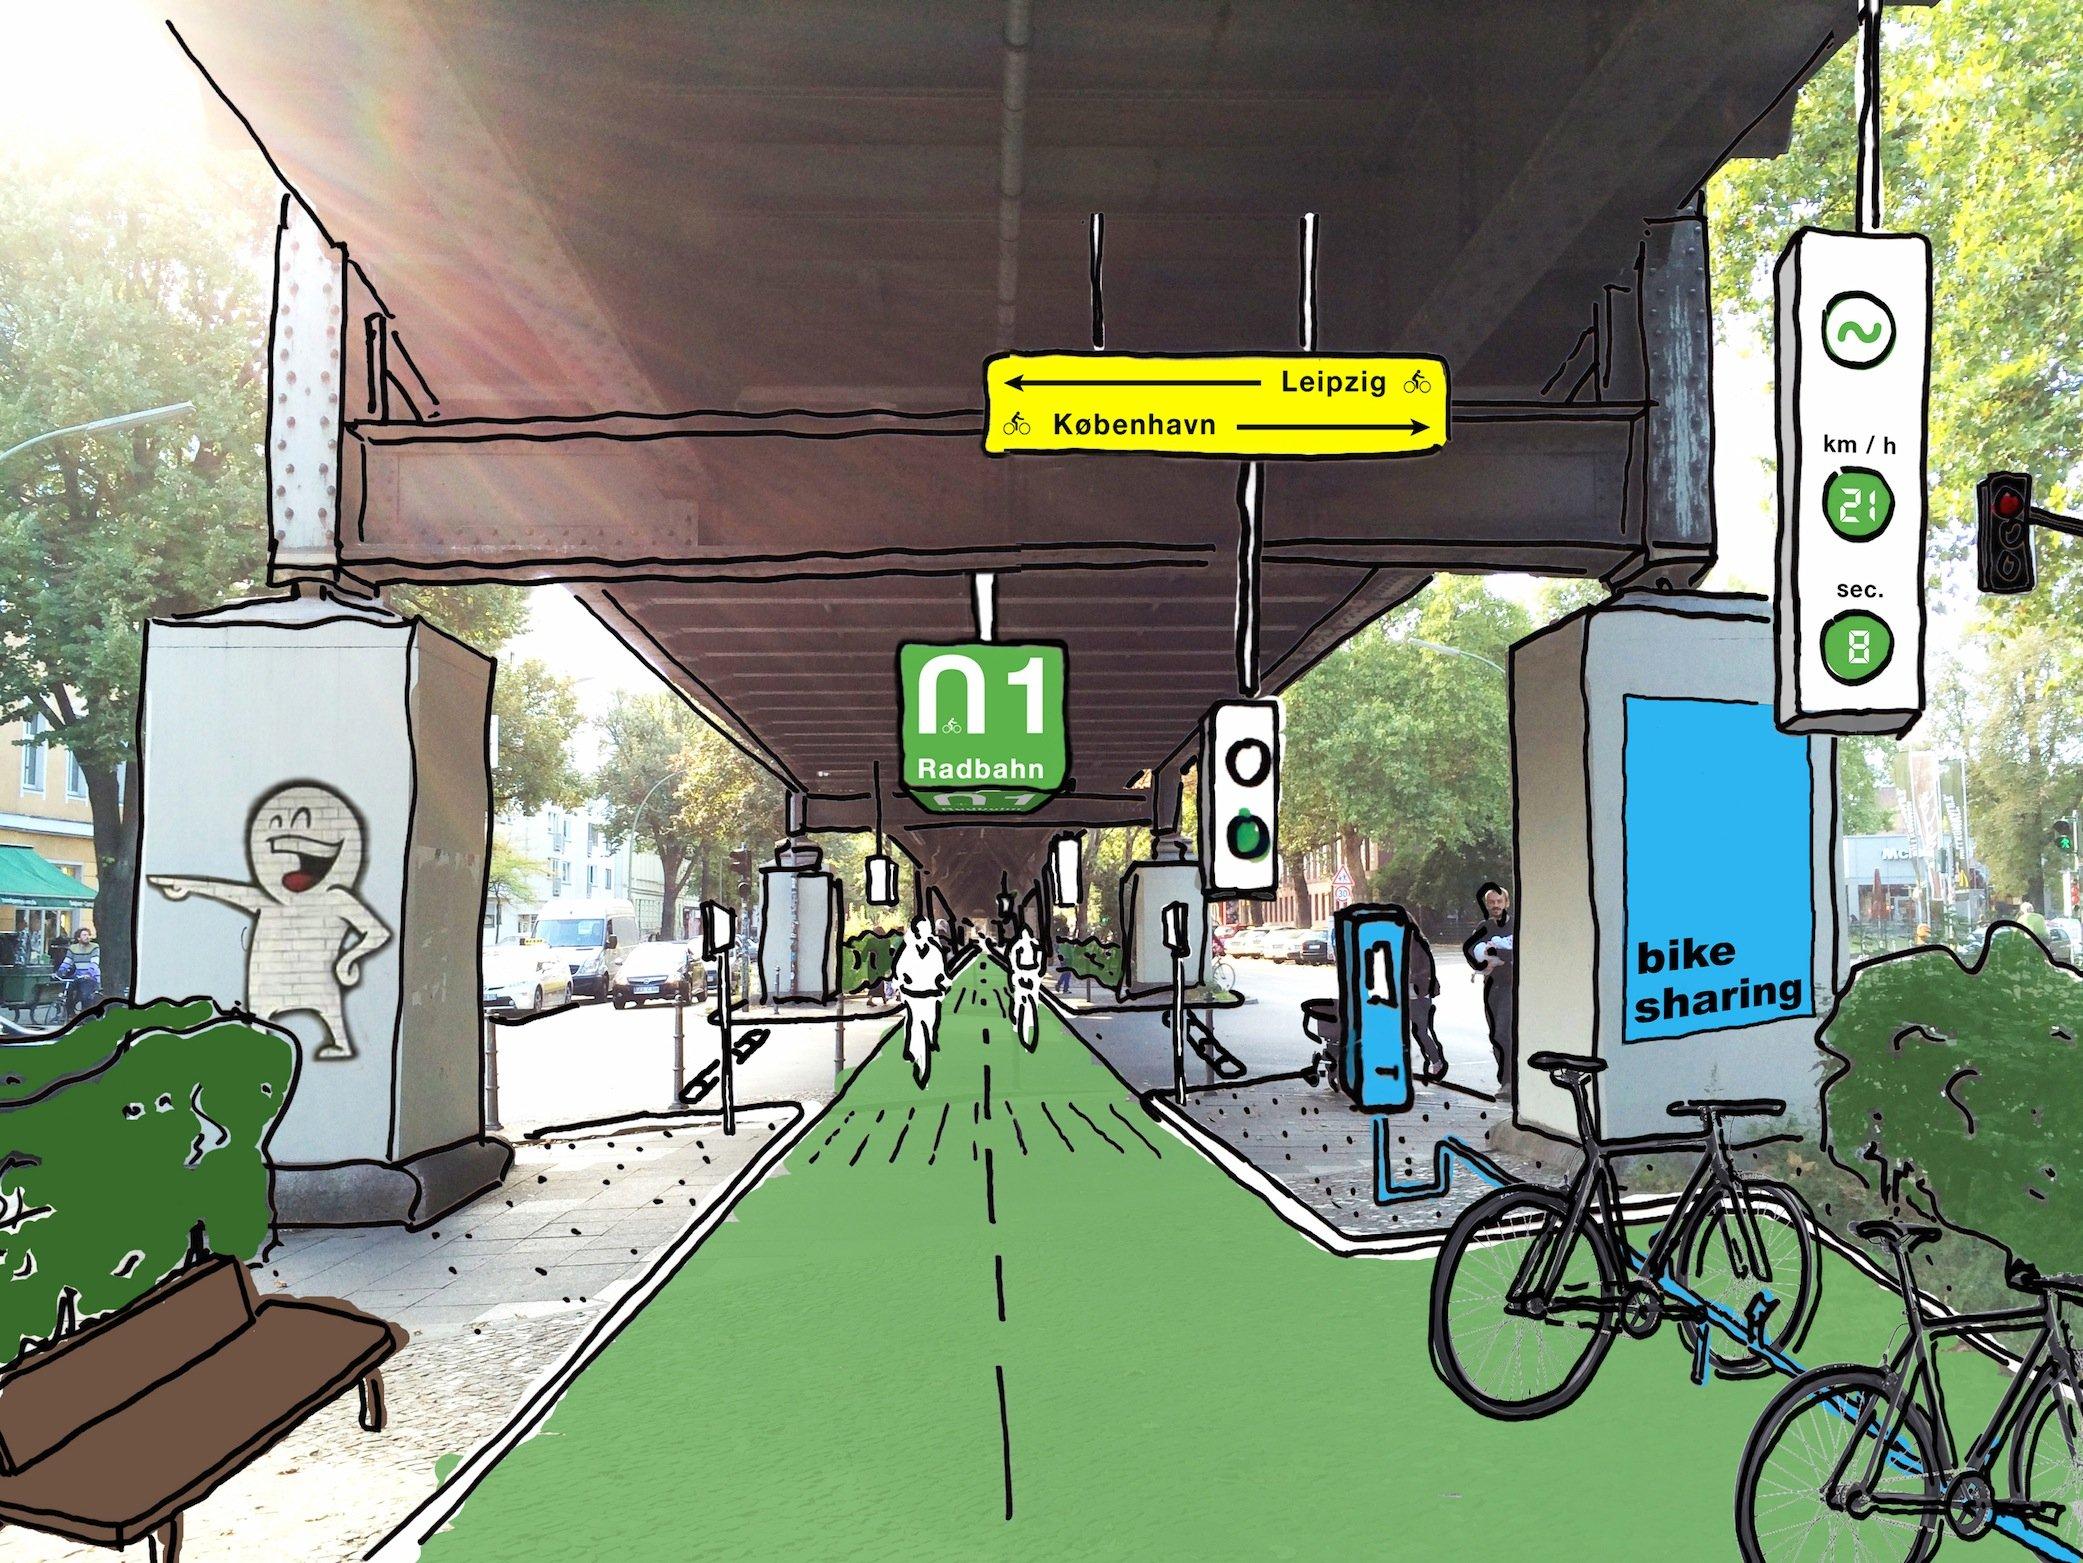 Eine spannende Idee: Ingenieure, Designer und Stadtplaner wollen unter der Hochbahn U1 in Berlin einen Radbahn bauen. Werkstätten, Leihstationen und Cafés hätten auch noch genug Platz. Doch der Hauptgrund für die Trasse: Die Radfahrer können auch bei Regen trocken fahren.